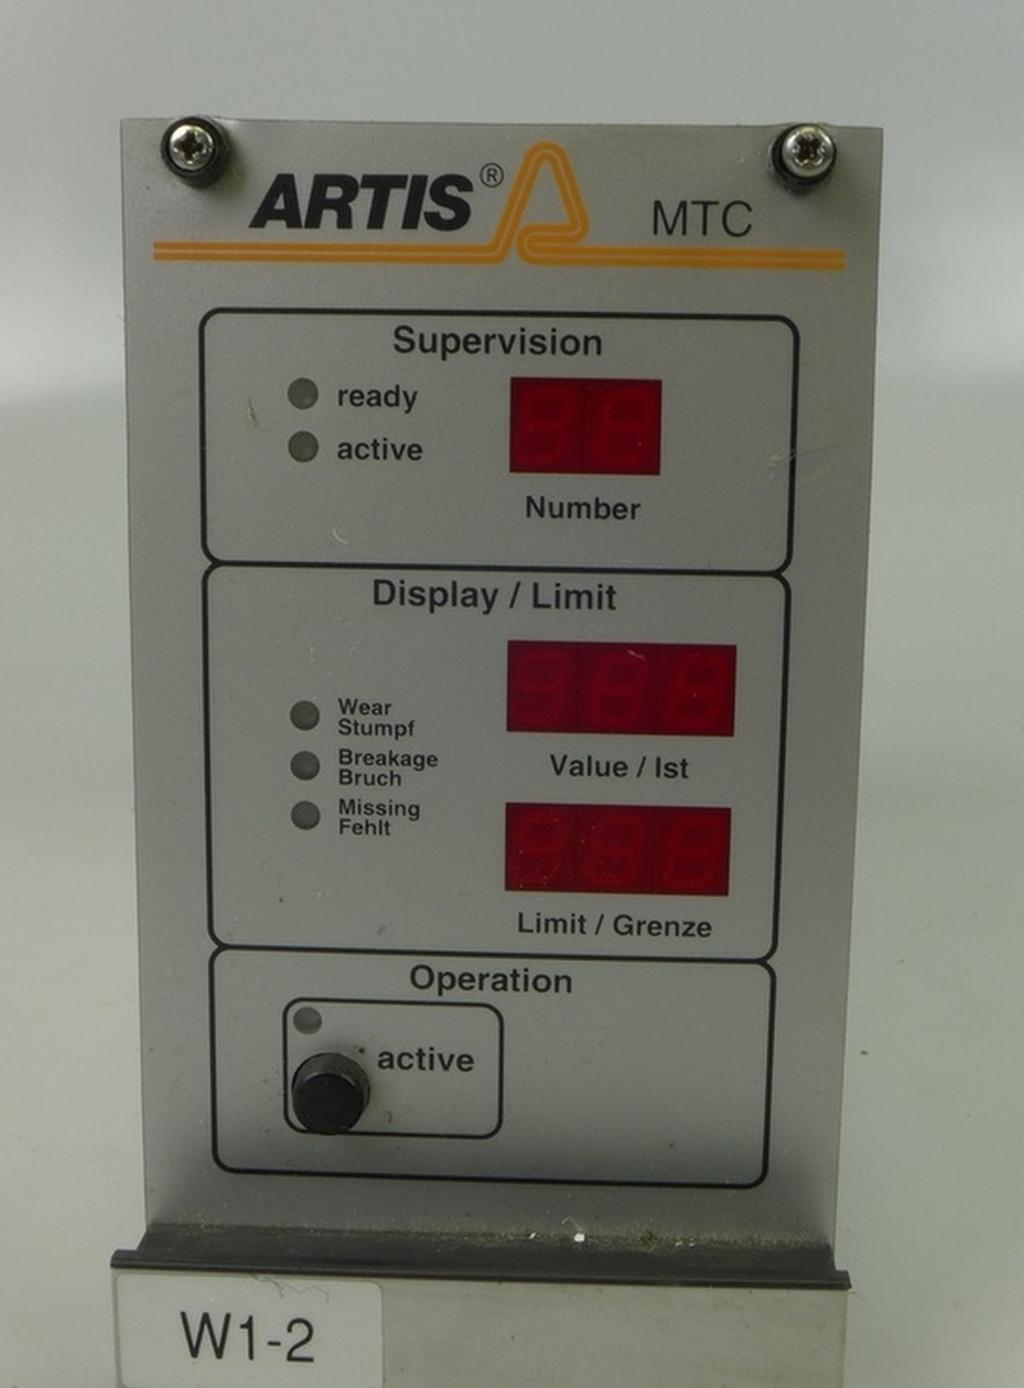 100% Wahr .ht731 Controller Artis Mtc-w1-2 Attraktives Aussehen